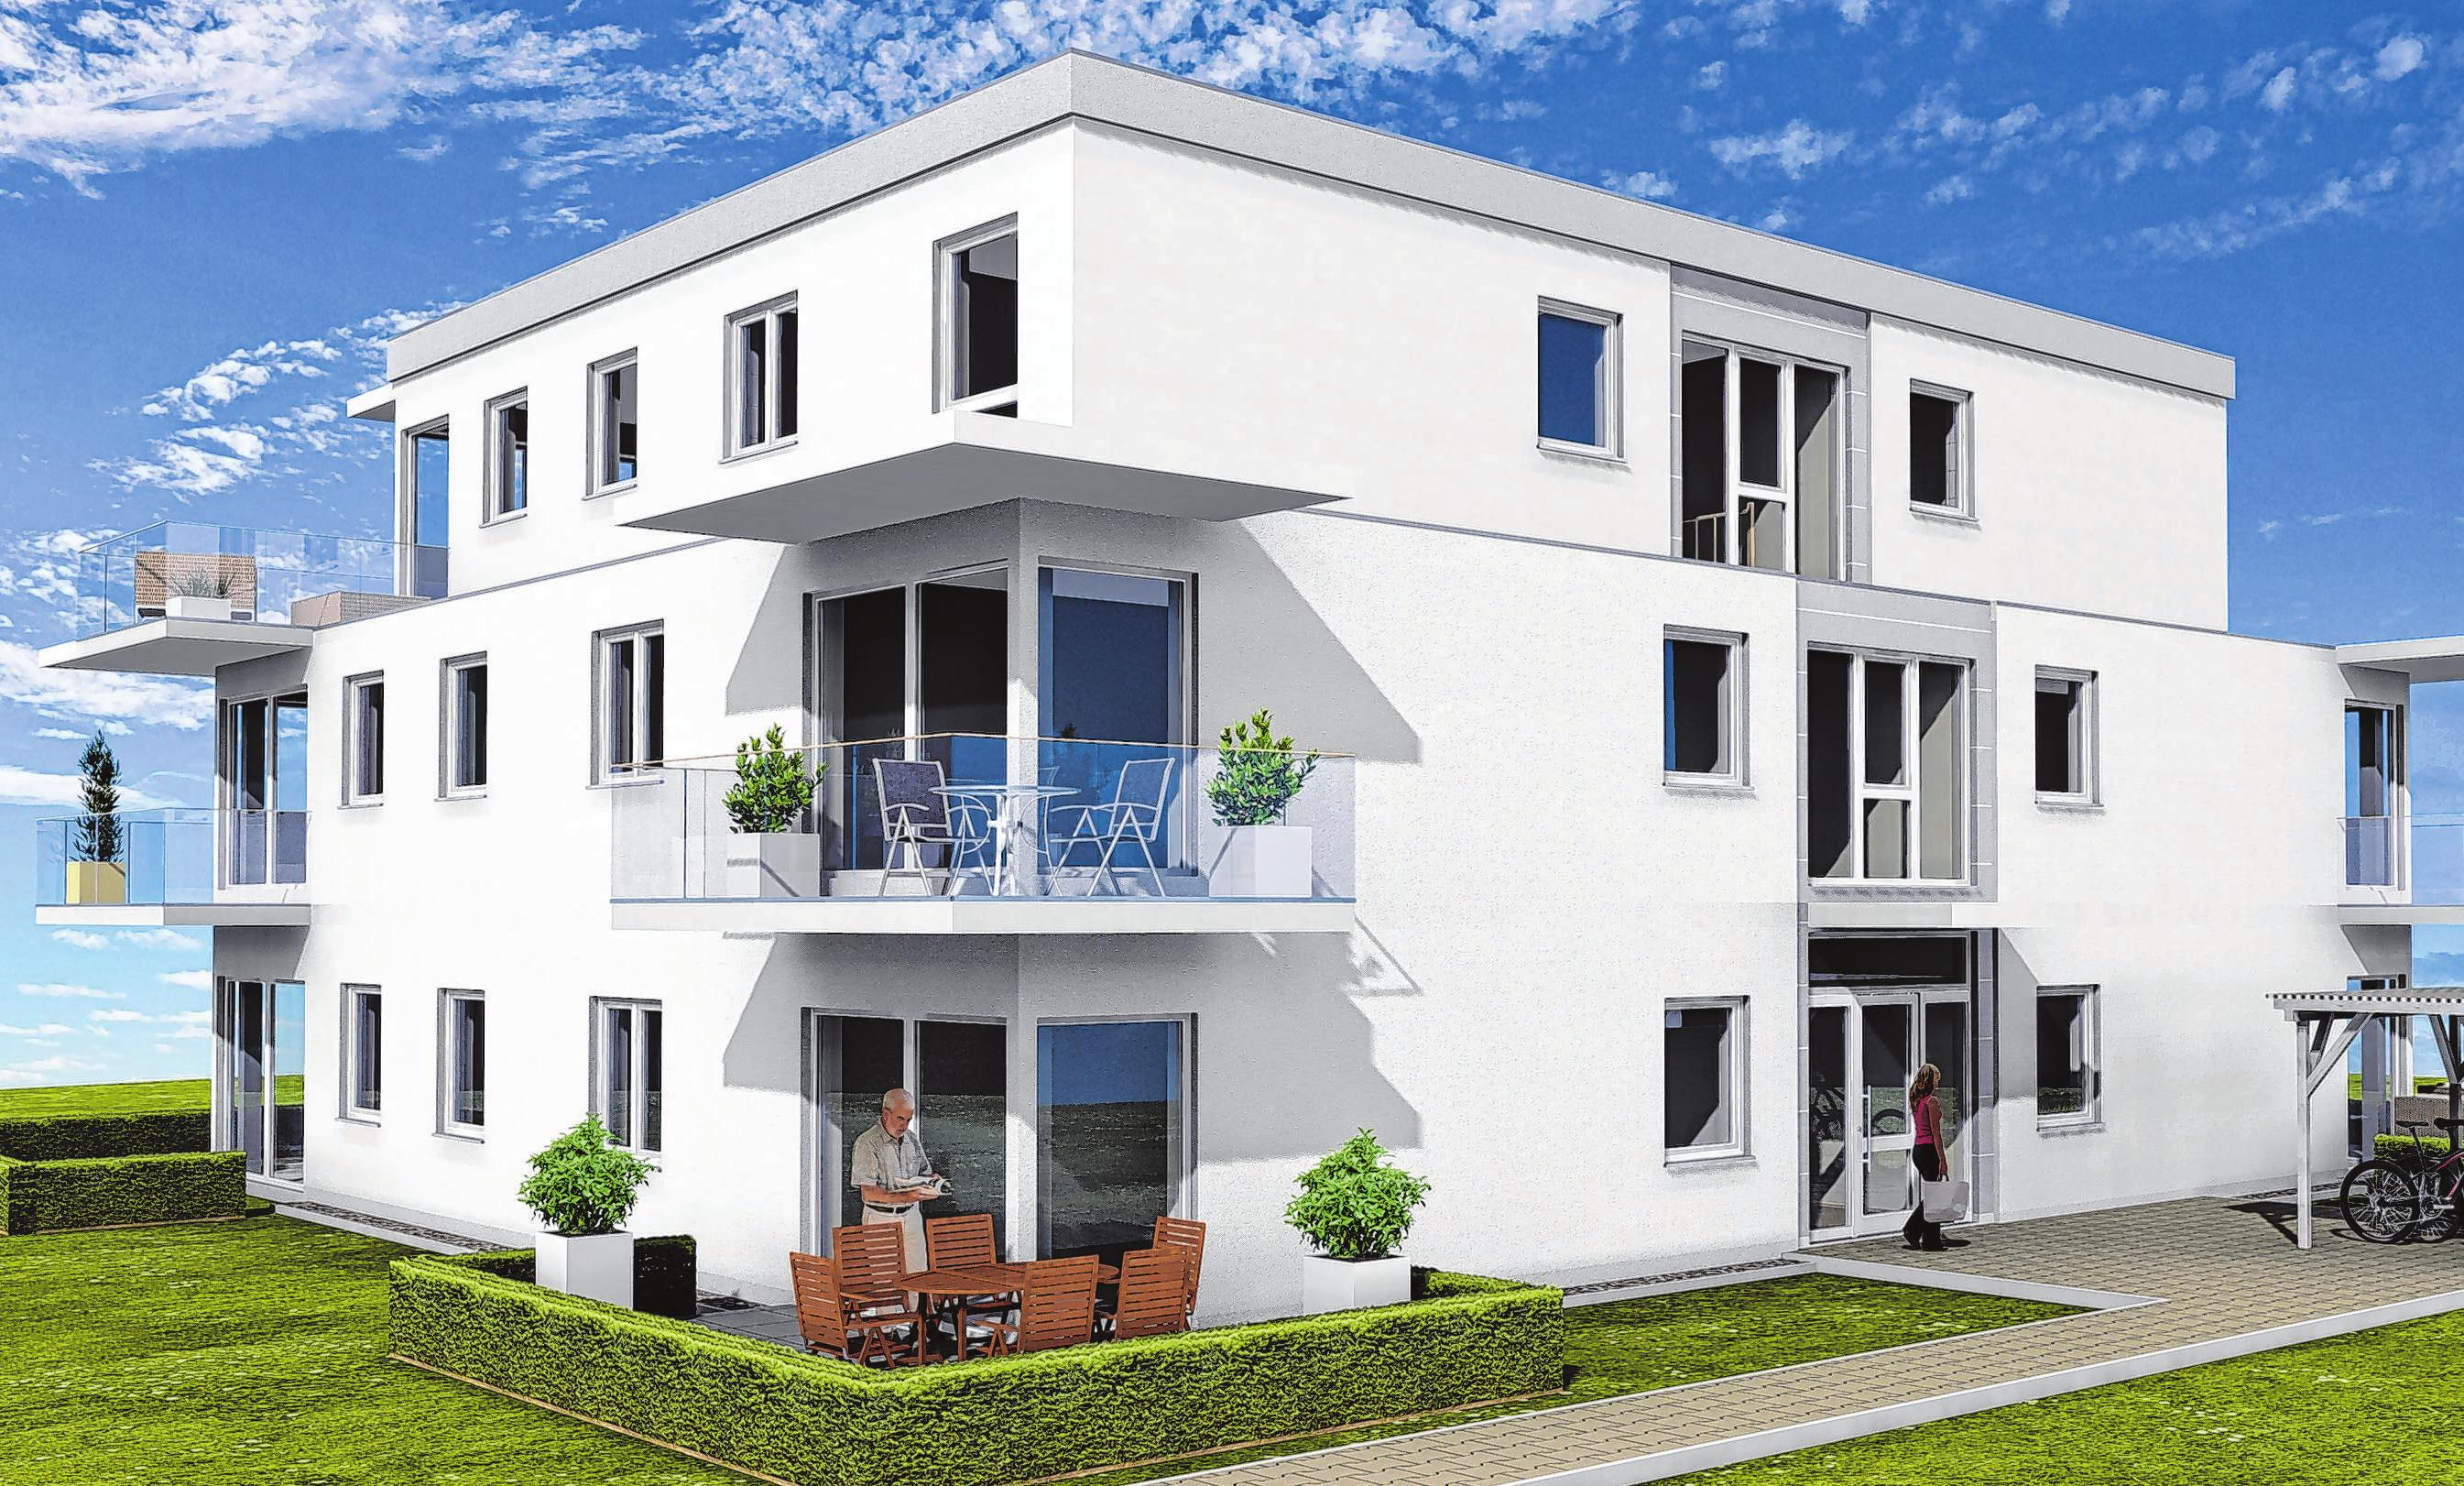 Modern, zweckmäßig und komfortabel zugleich sollen die Eigentumswohnungen in der Neuruppiner Scholtenstraße den Käufern angeboten werden. Foto: Kaatzsch-Immobilien